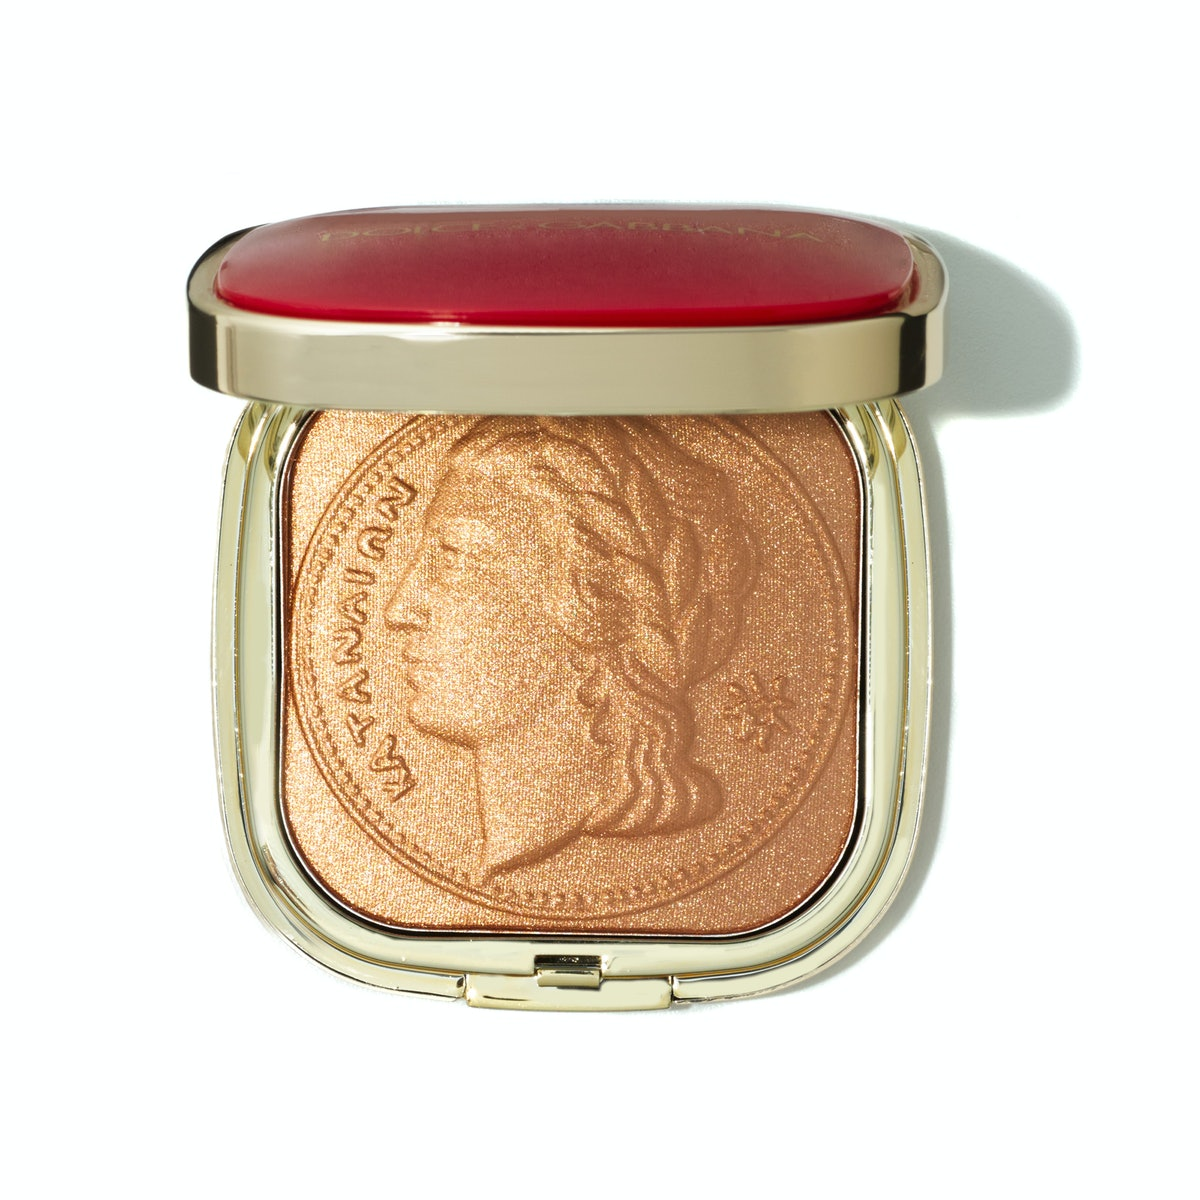 Dolce & Gabbana the Bronzer Collector's Edition Glow Bronzing Powder